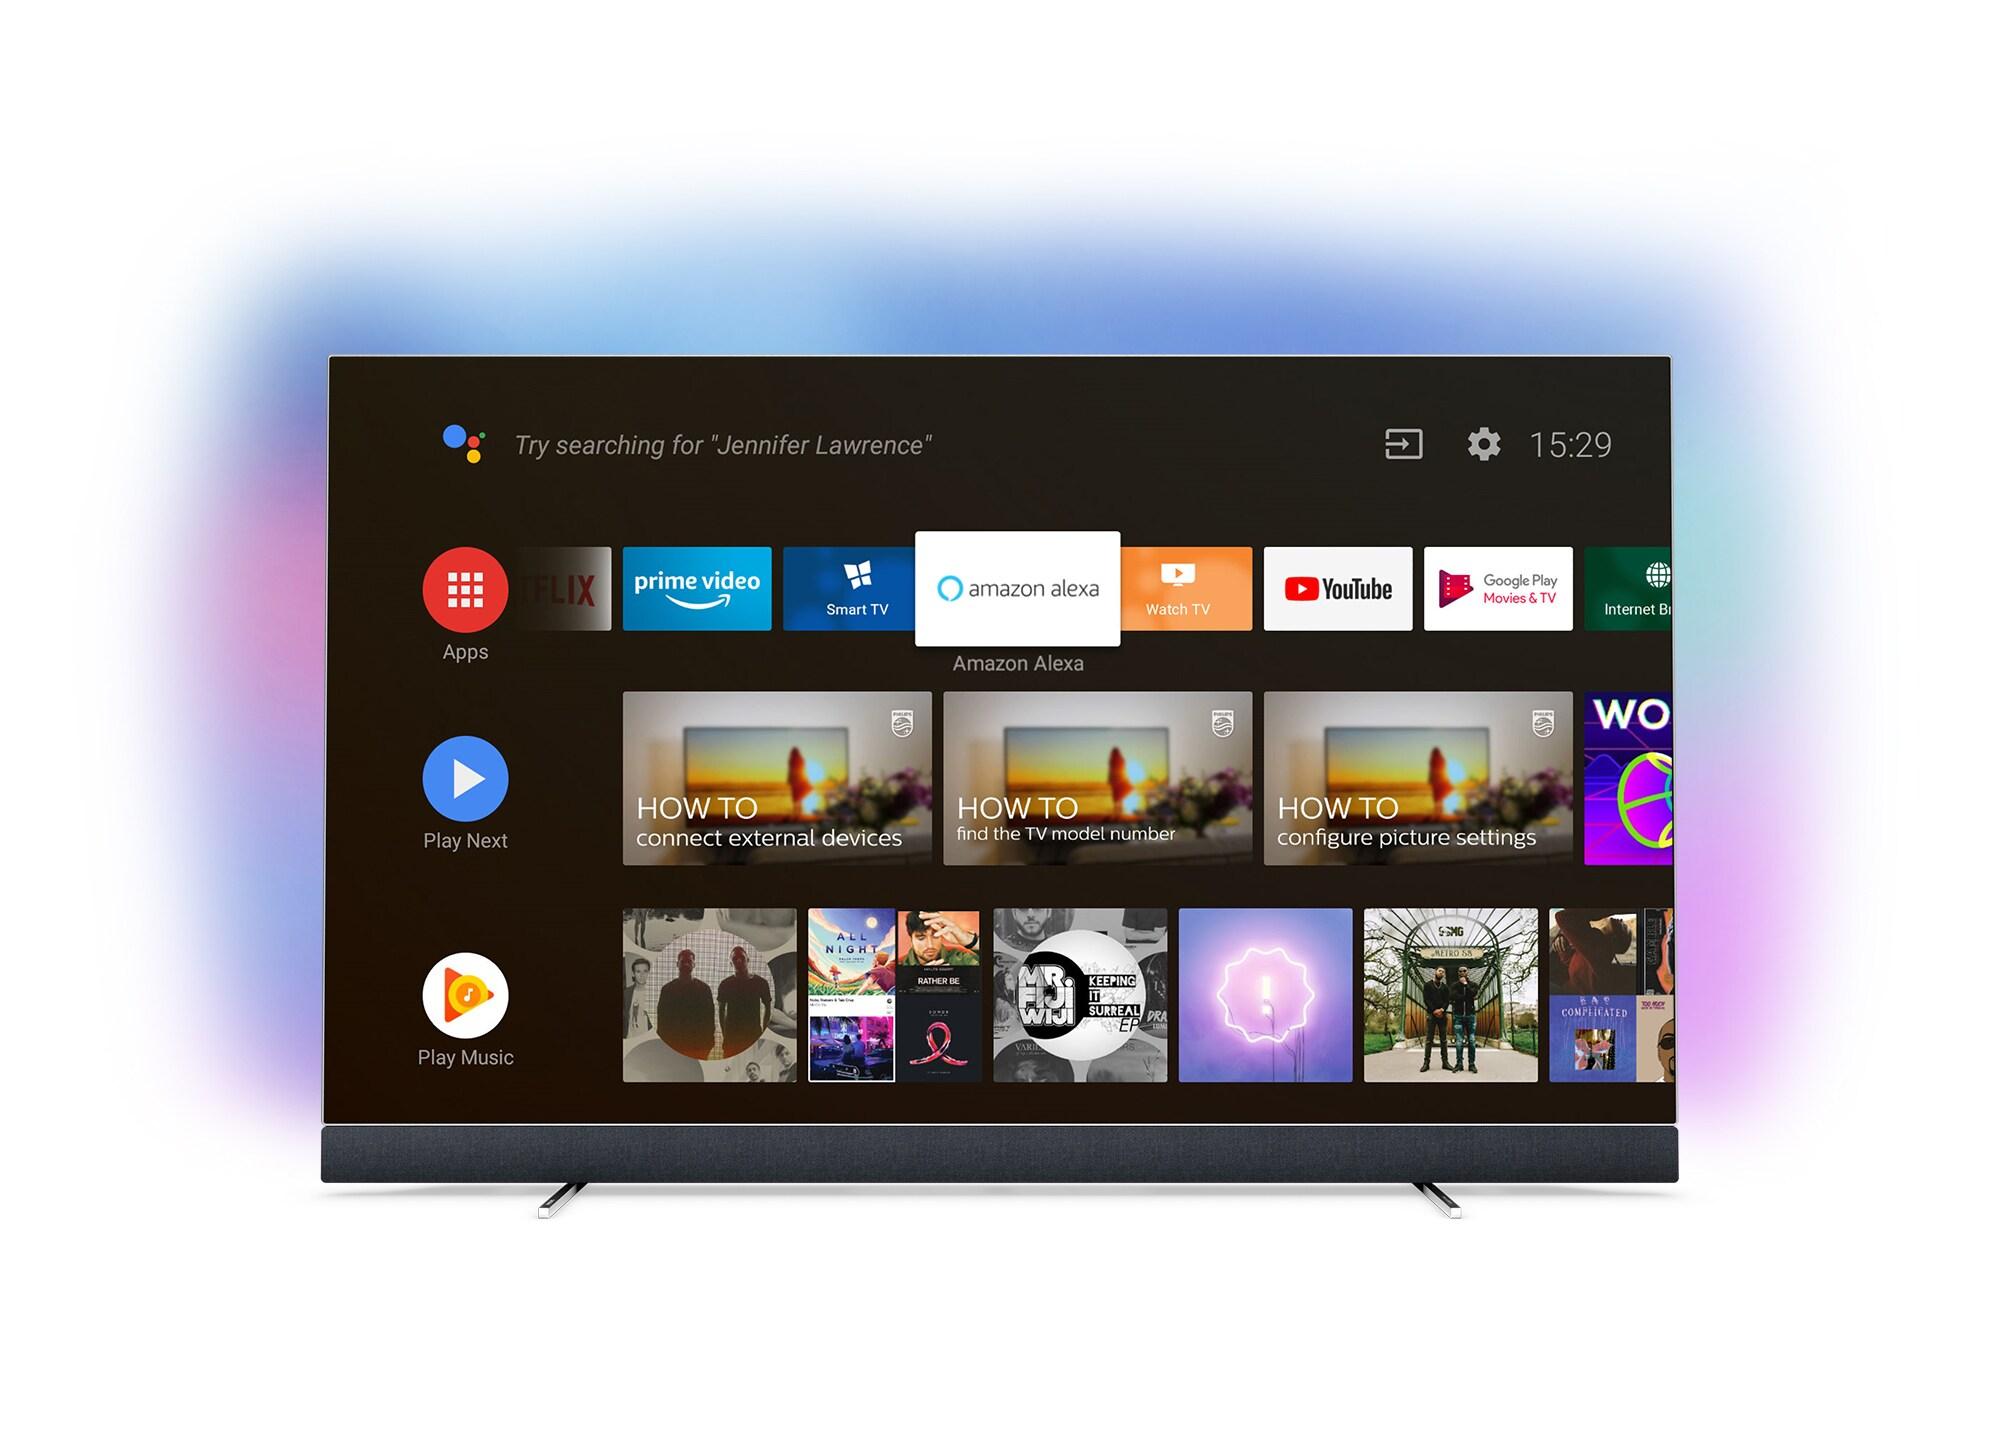 Philips Fernseher Wifi Lässt Sich Nicht Einschalten : Philips tv lässt sich nicht einschalten ausreise info